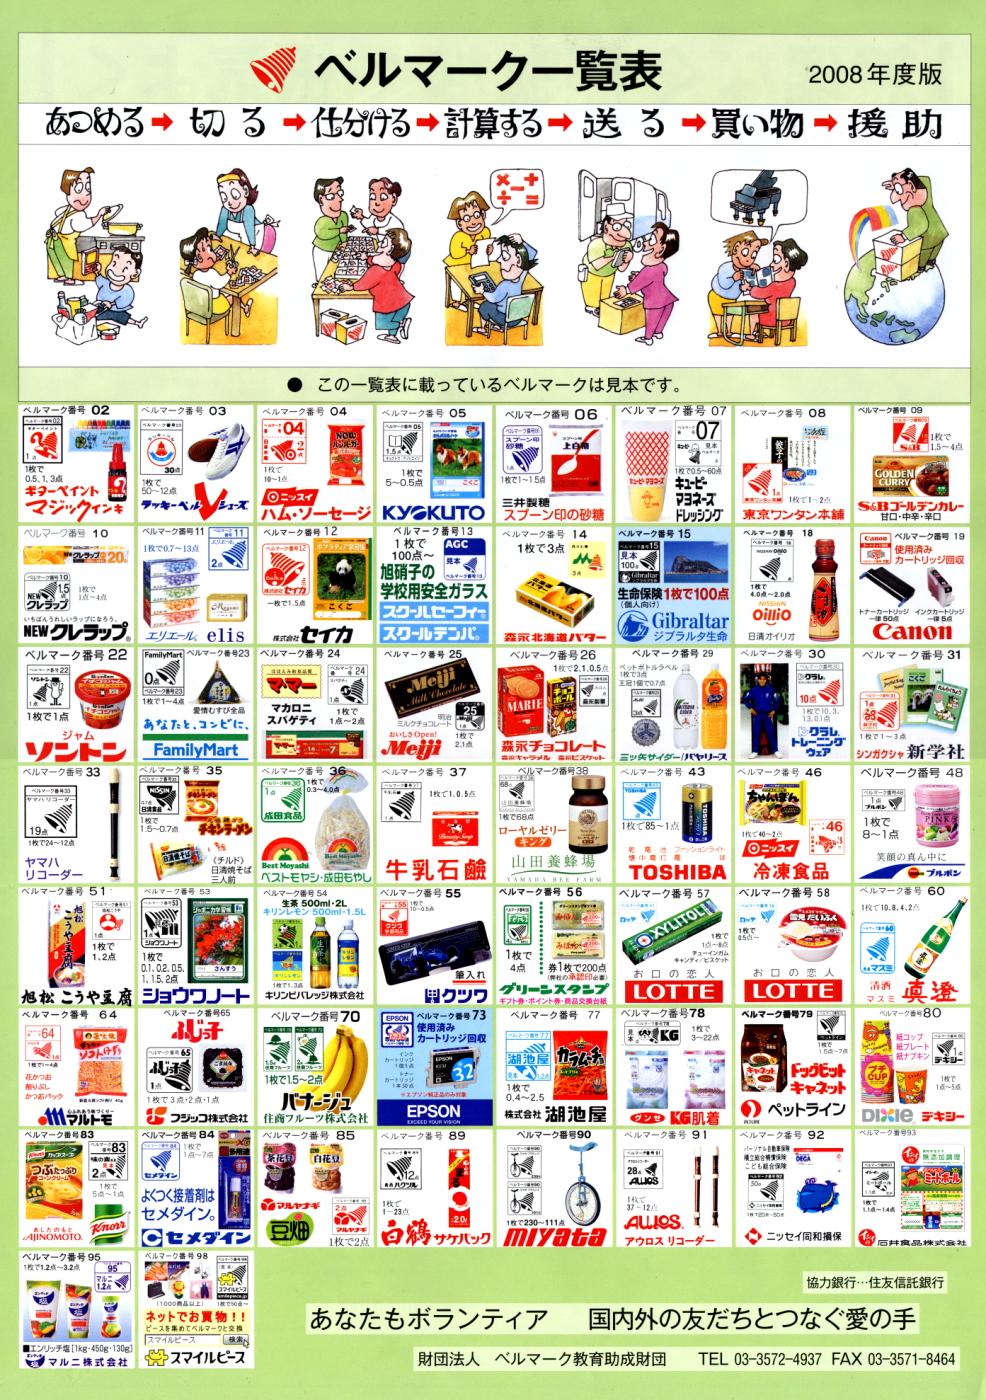 カレンダー 9月 カレンダー 2015 : 便利な画像! : ベルマーク商品 ...